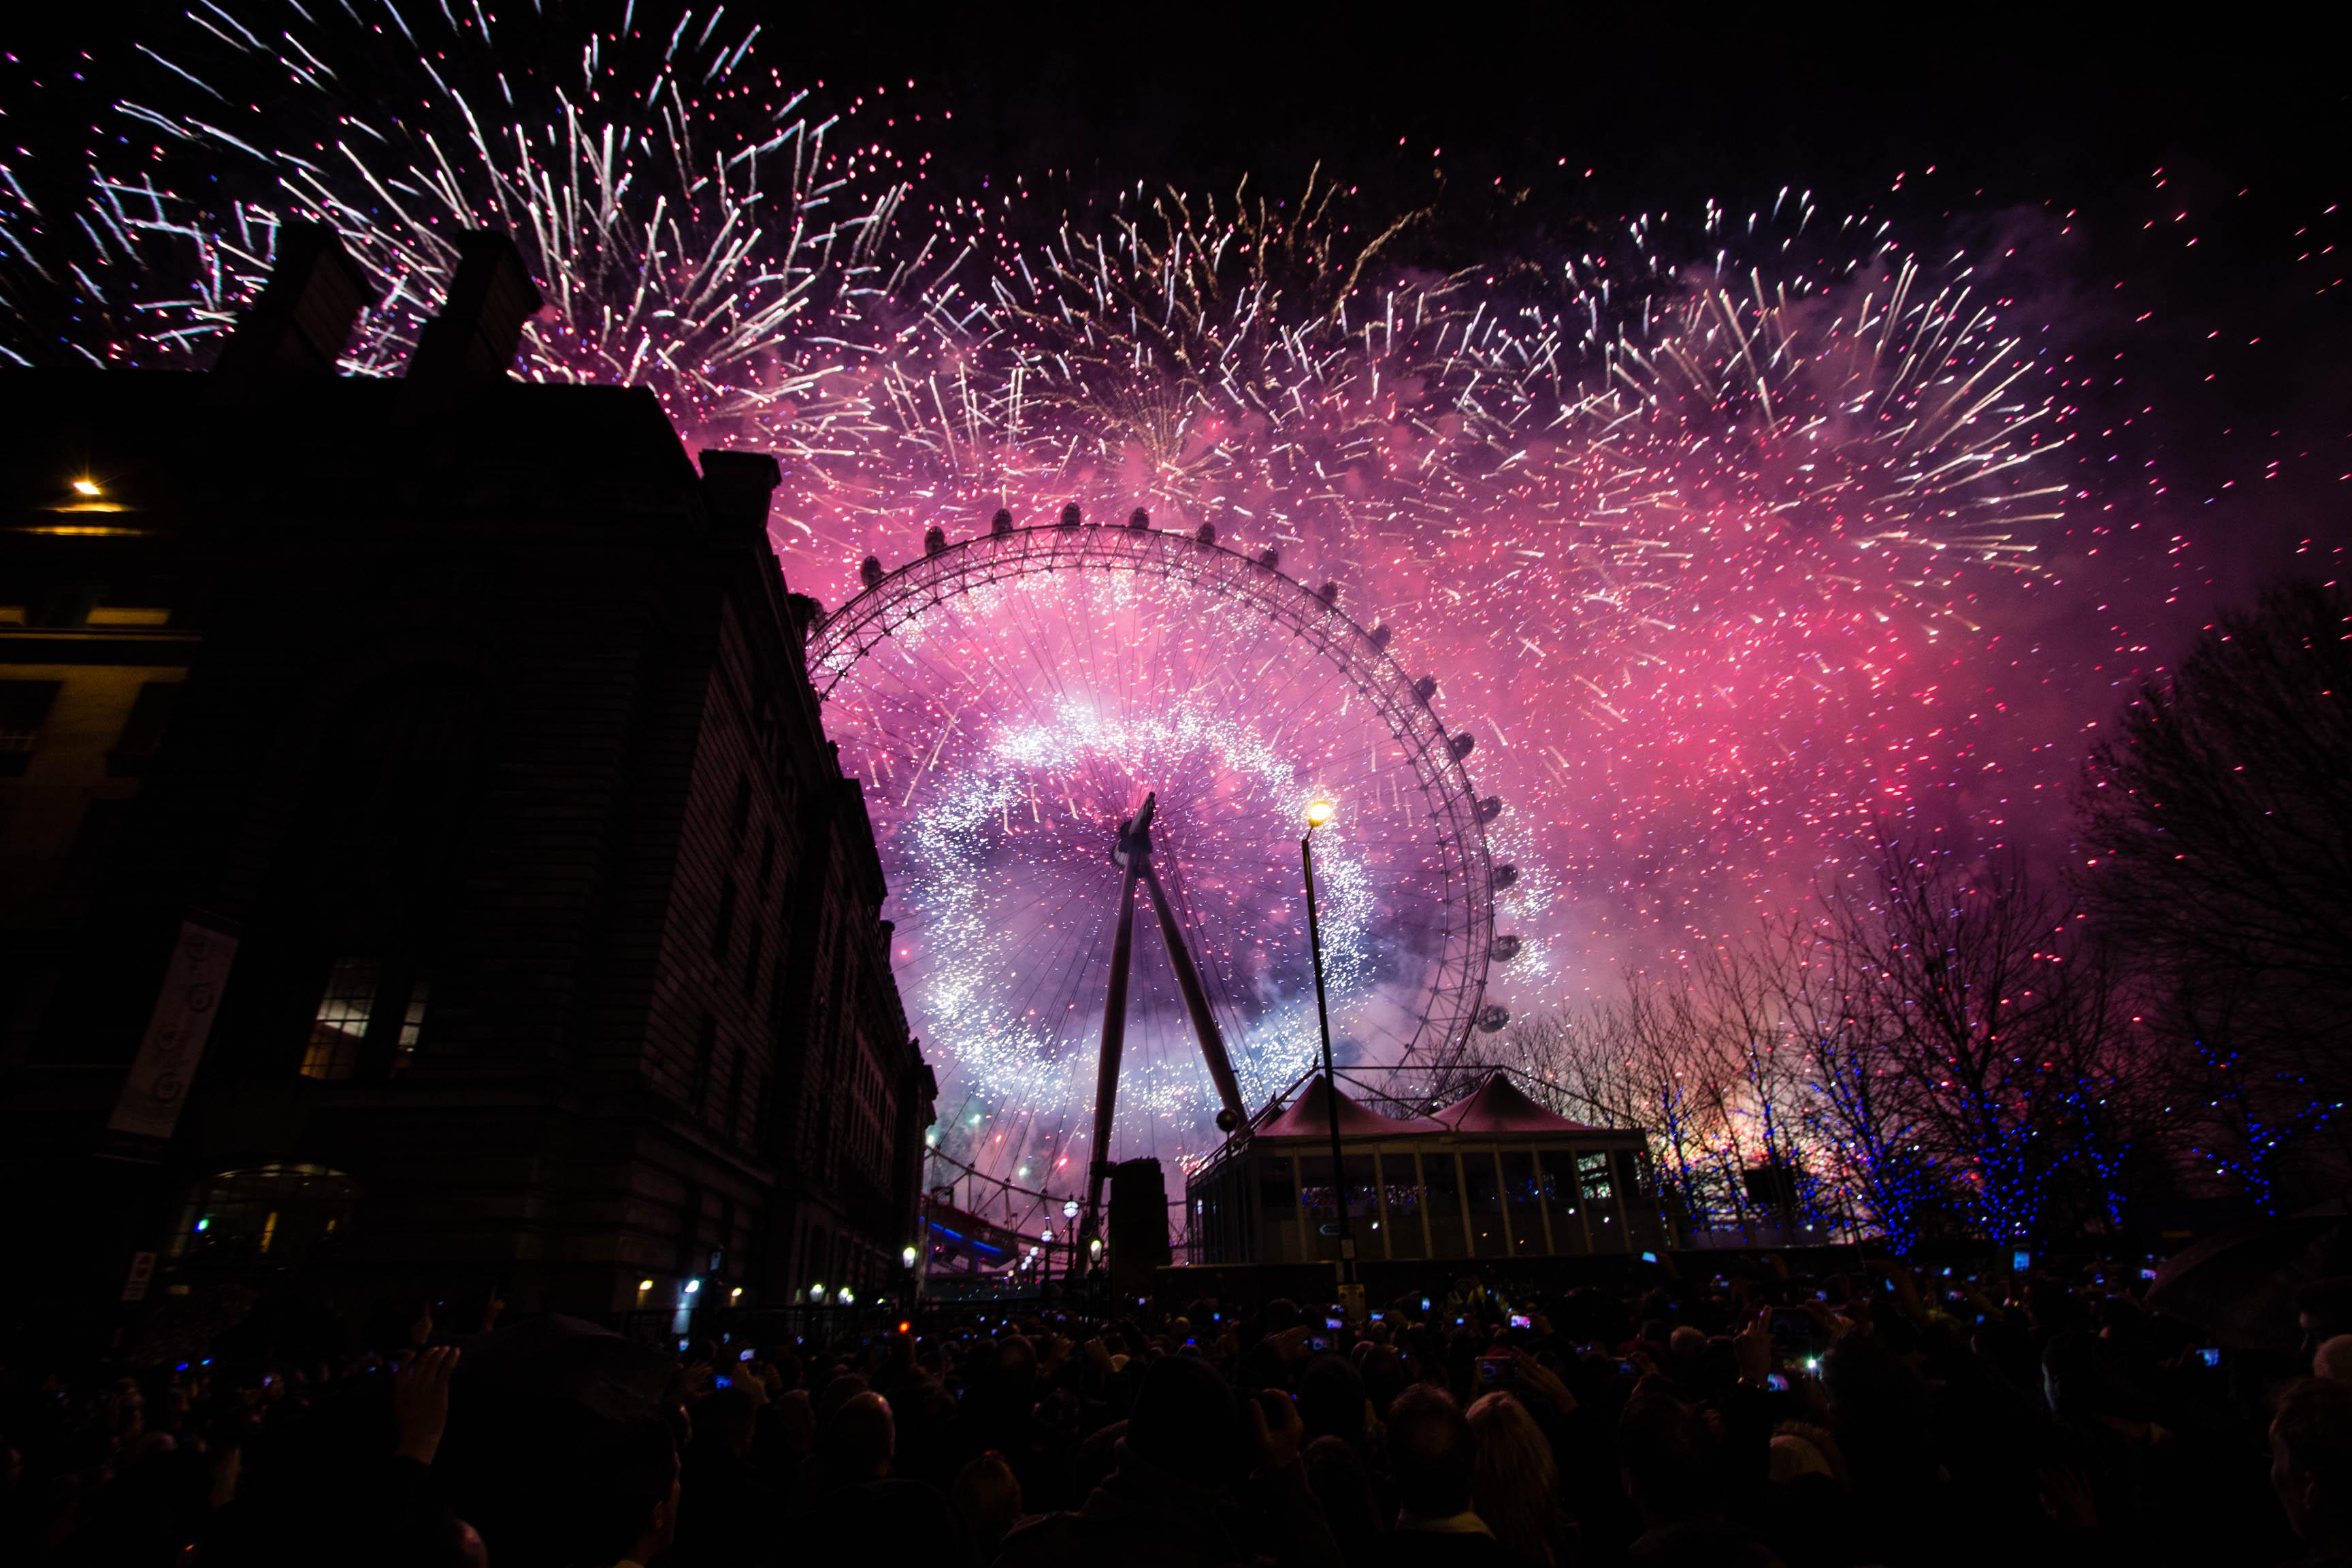 Feuerwerk in London 2013/2014